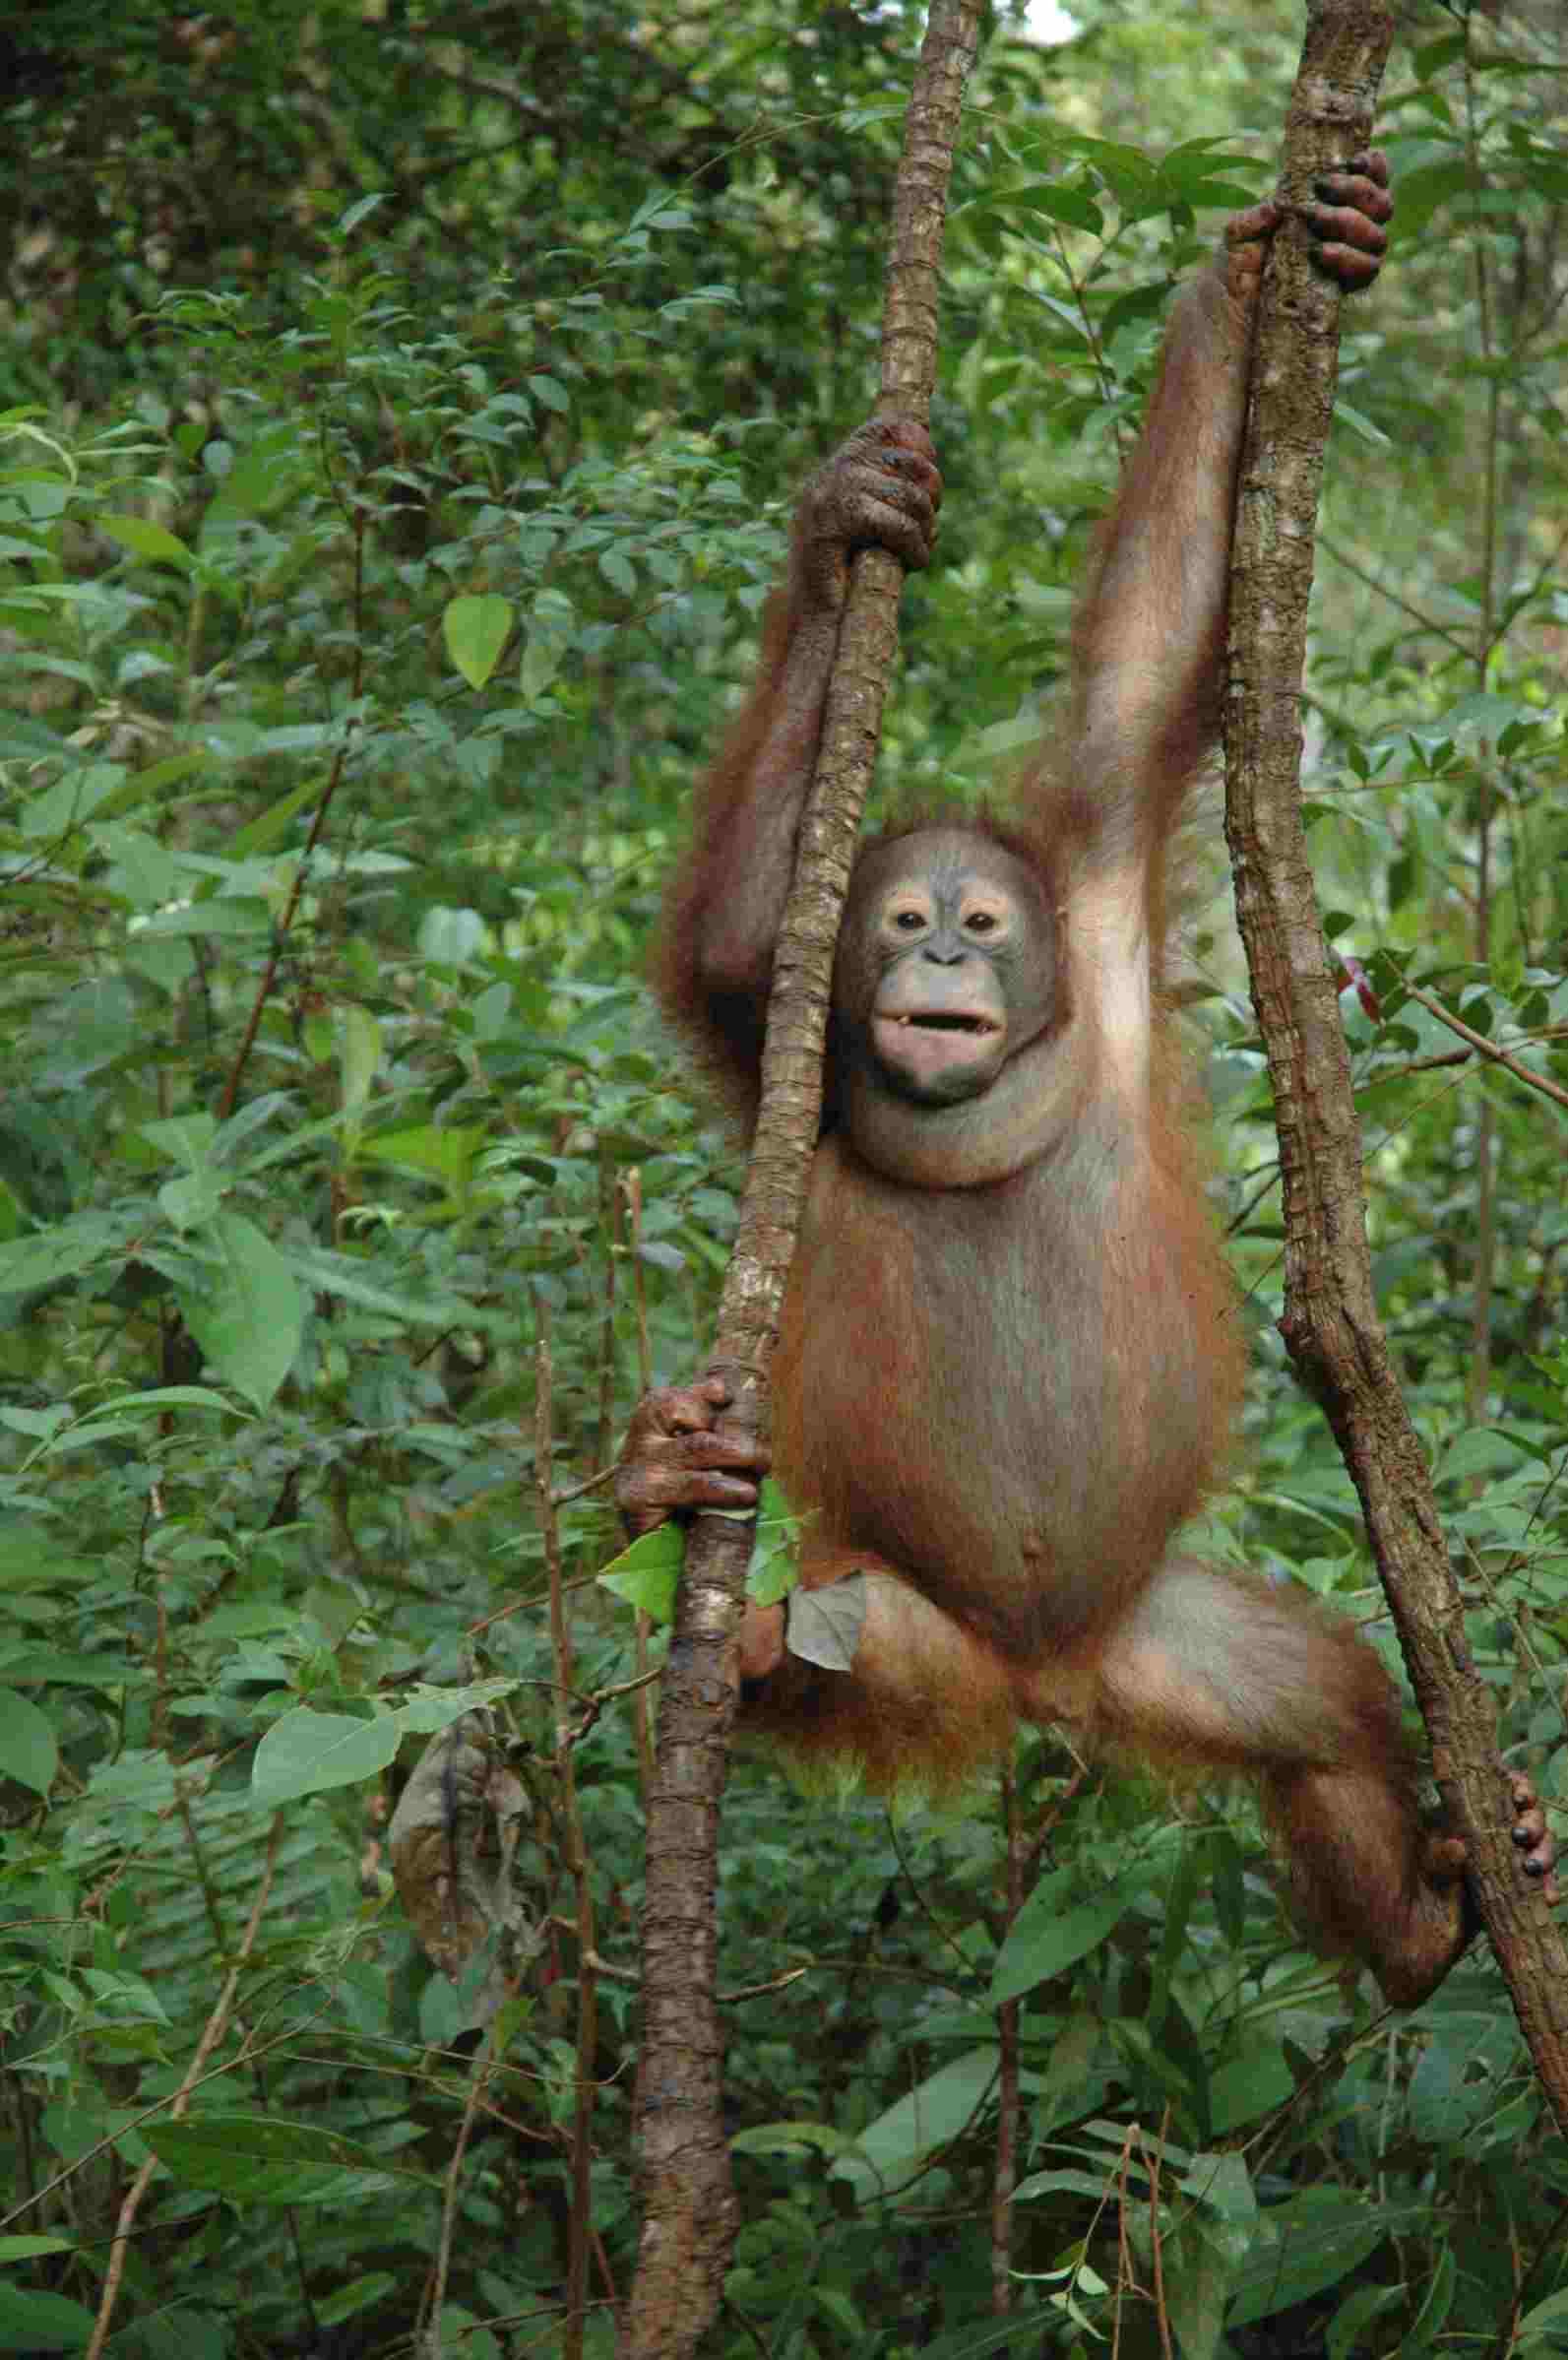 Orangutan in trees